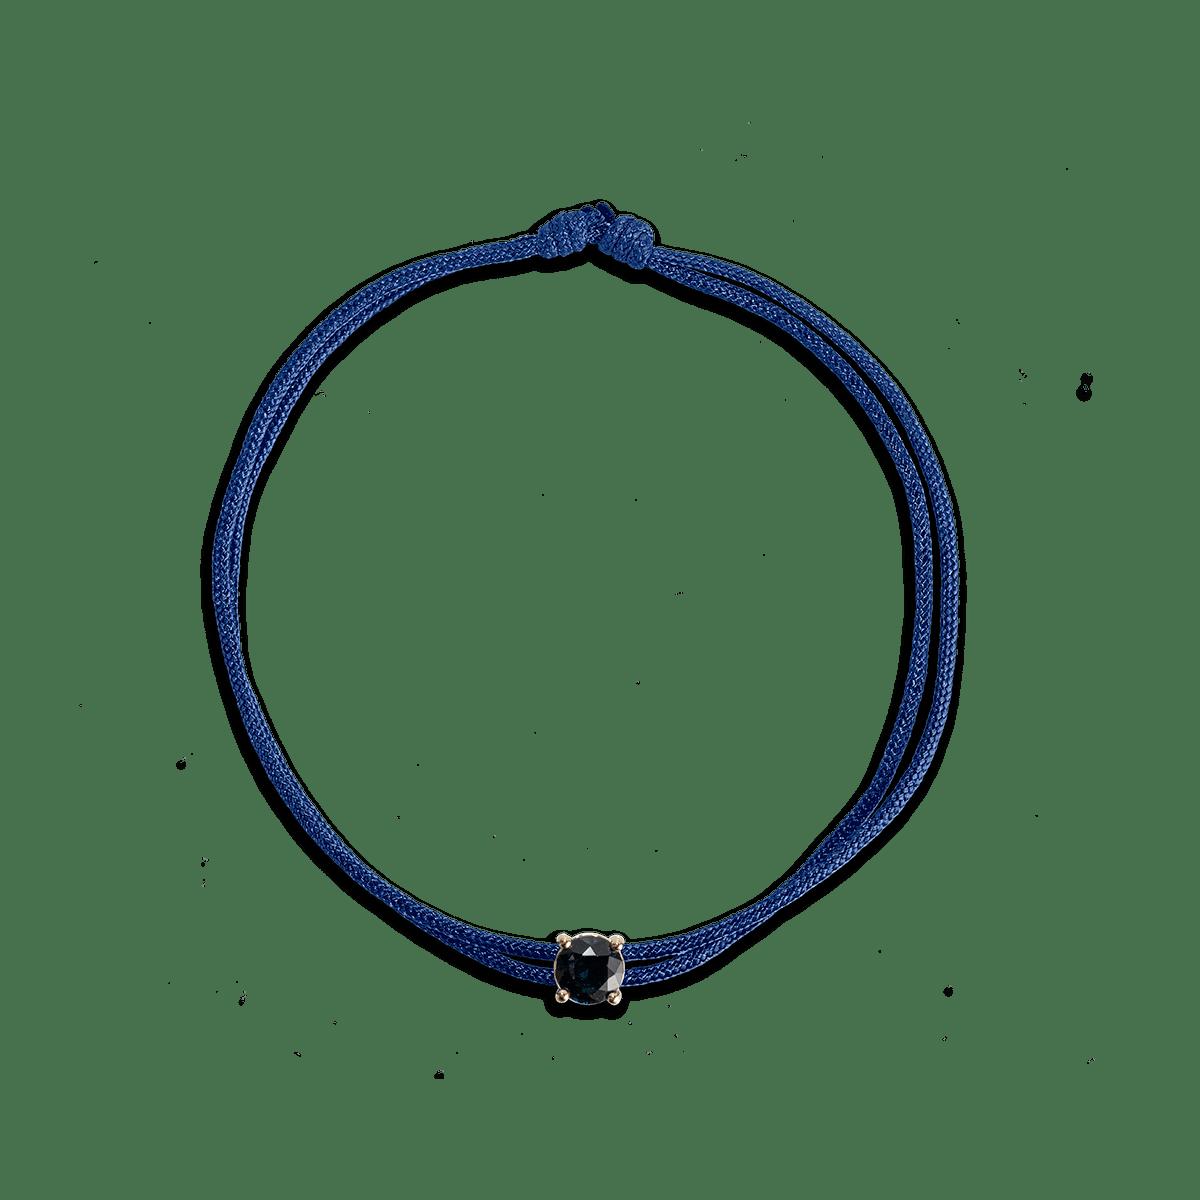 Bailee Birthstone Cord Bracelet